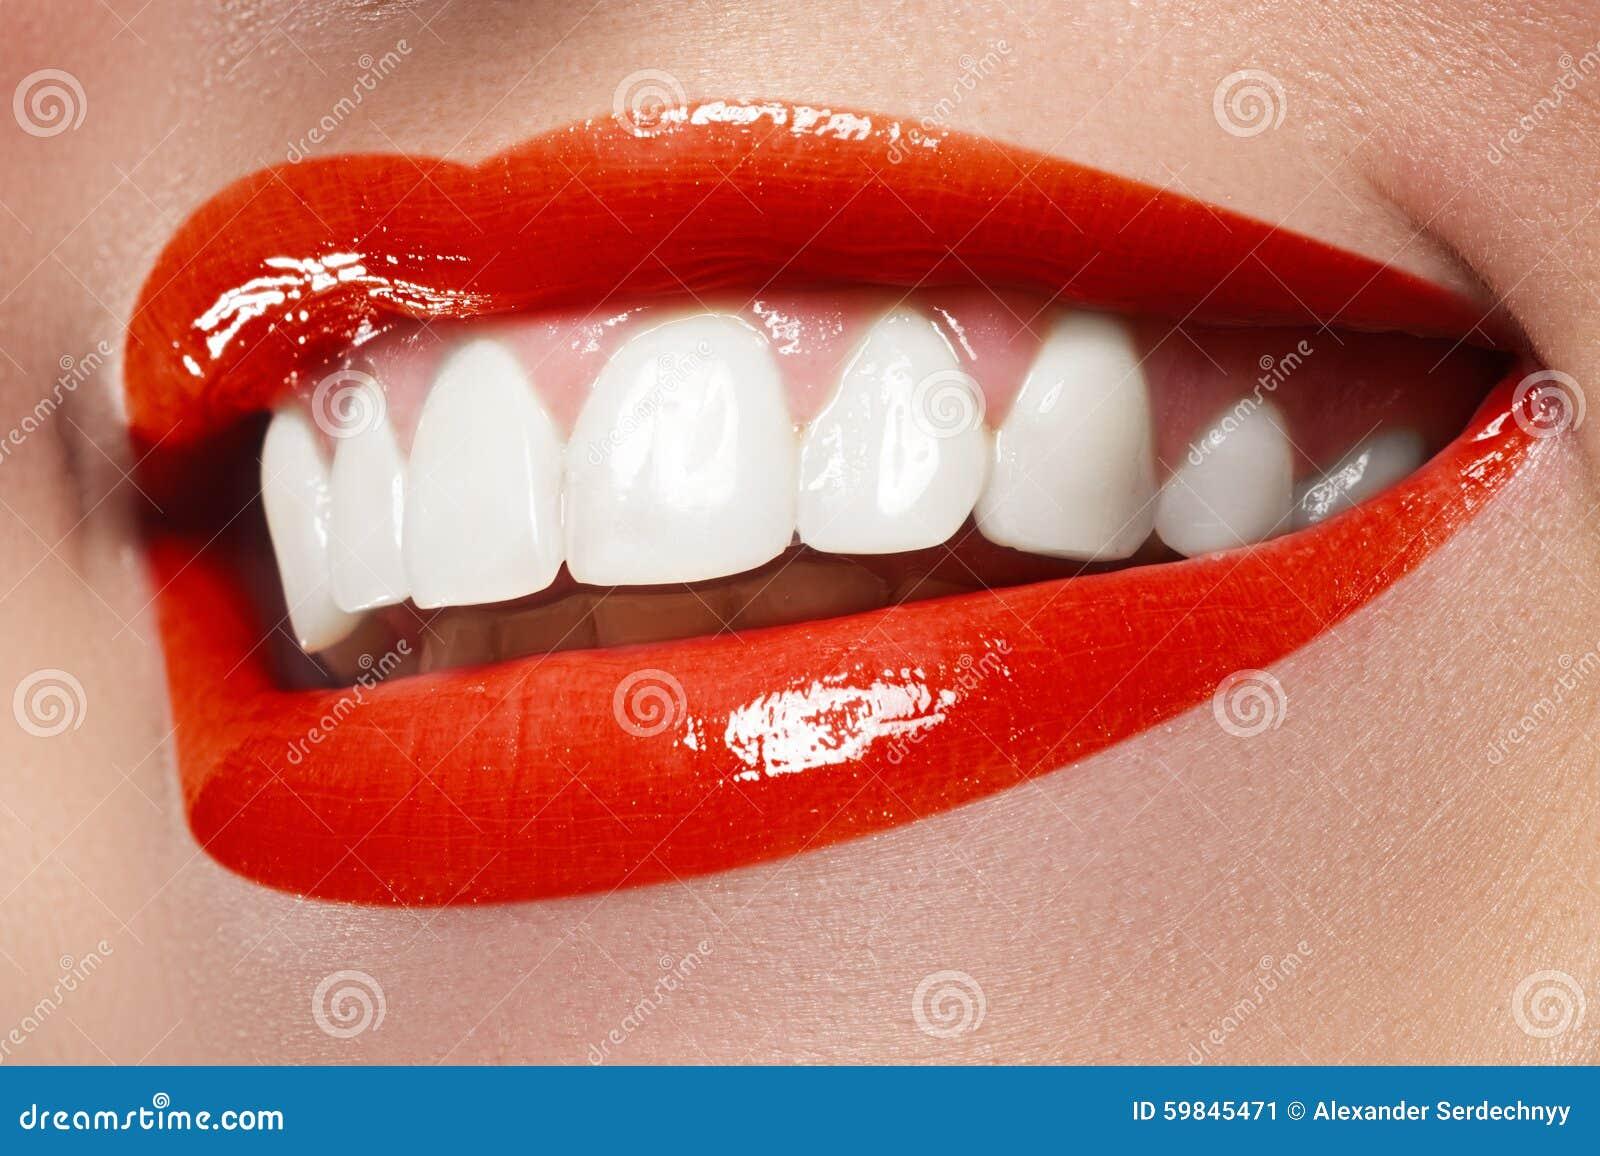 Maakt de close-up gelukkige vrouwelijke glimlach met gezonde witte tanden, heldere rode lippen op De kosmetiek, tandheelkunde en